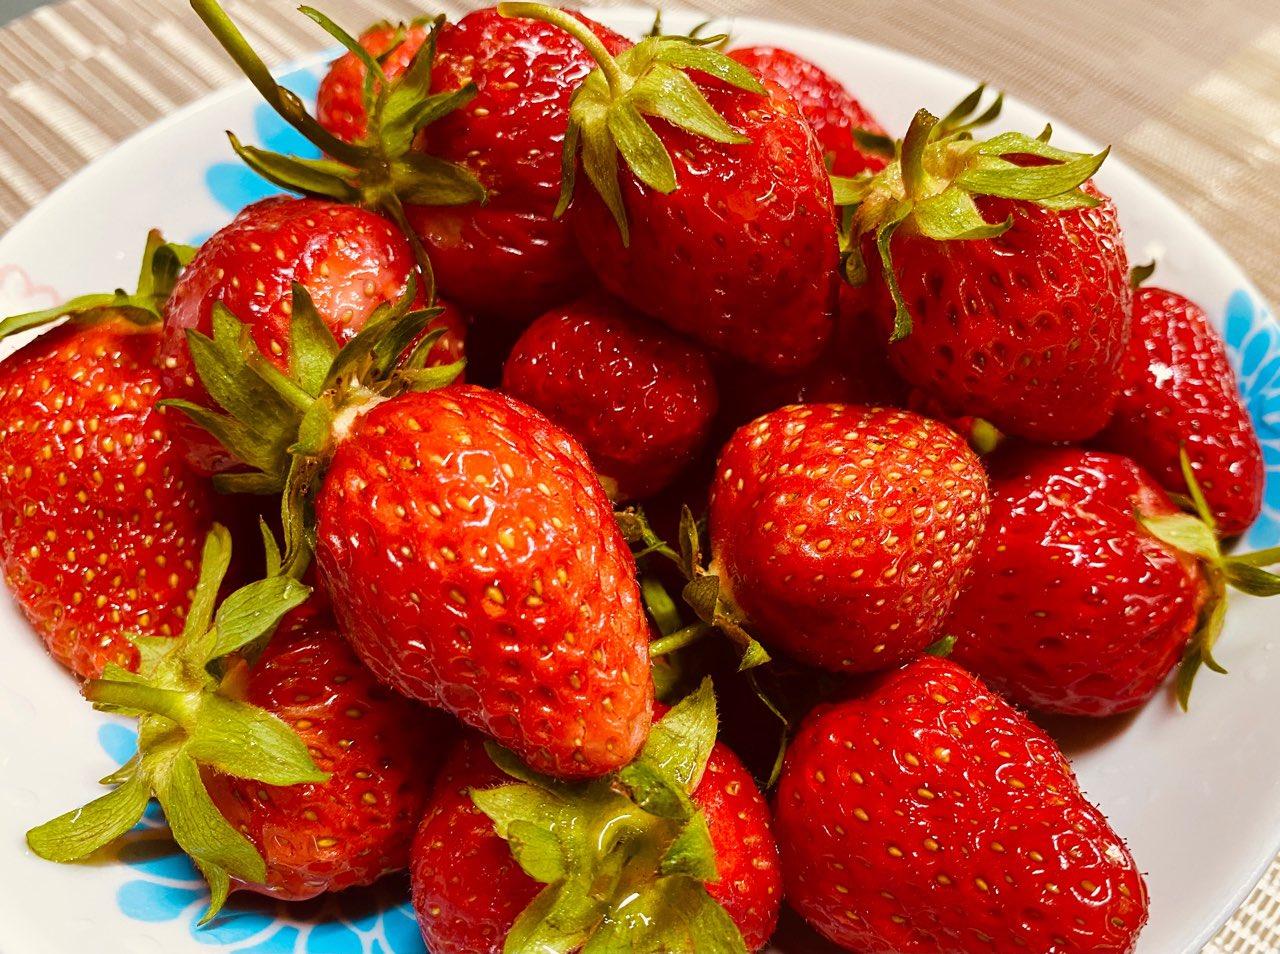 近所の畑で採れたいちごをいただいたので洗って食べる。甘さと酸味が良い感じ。 https://t.co/vefQNlXzHa